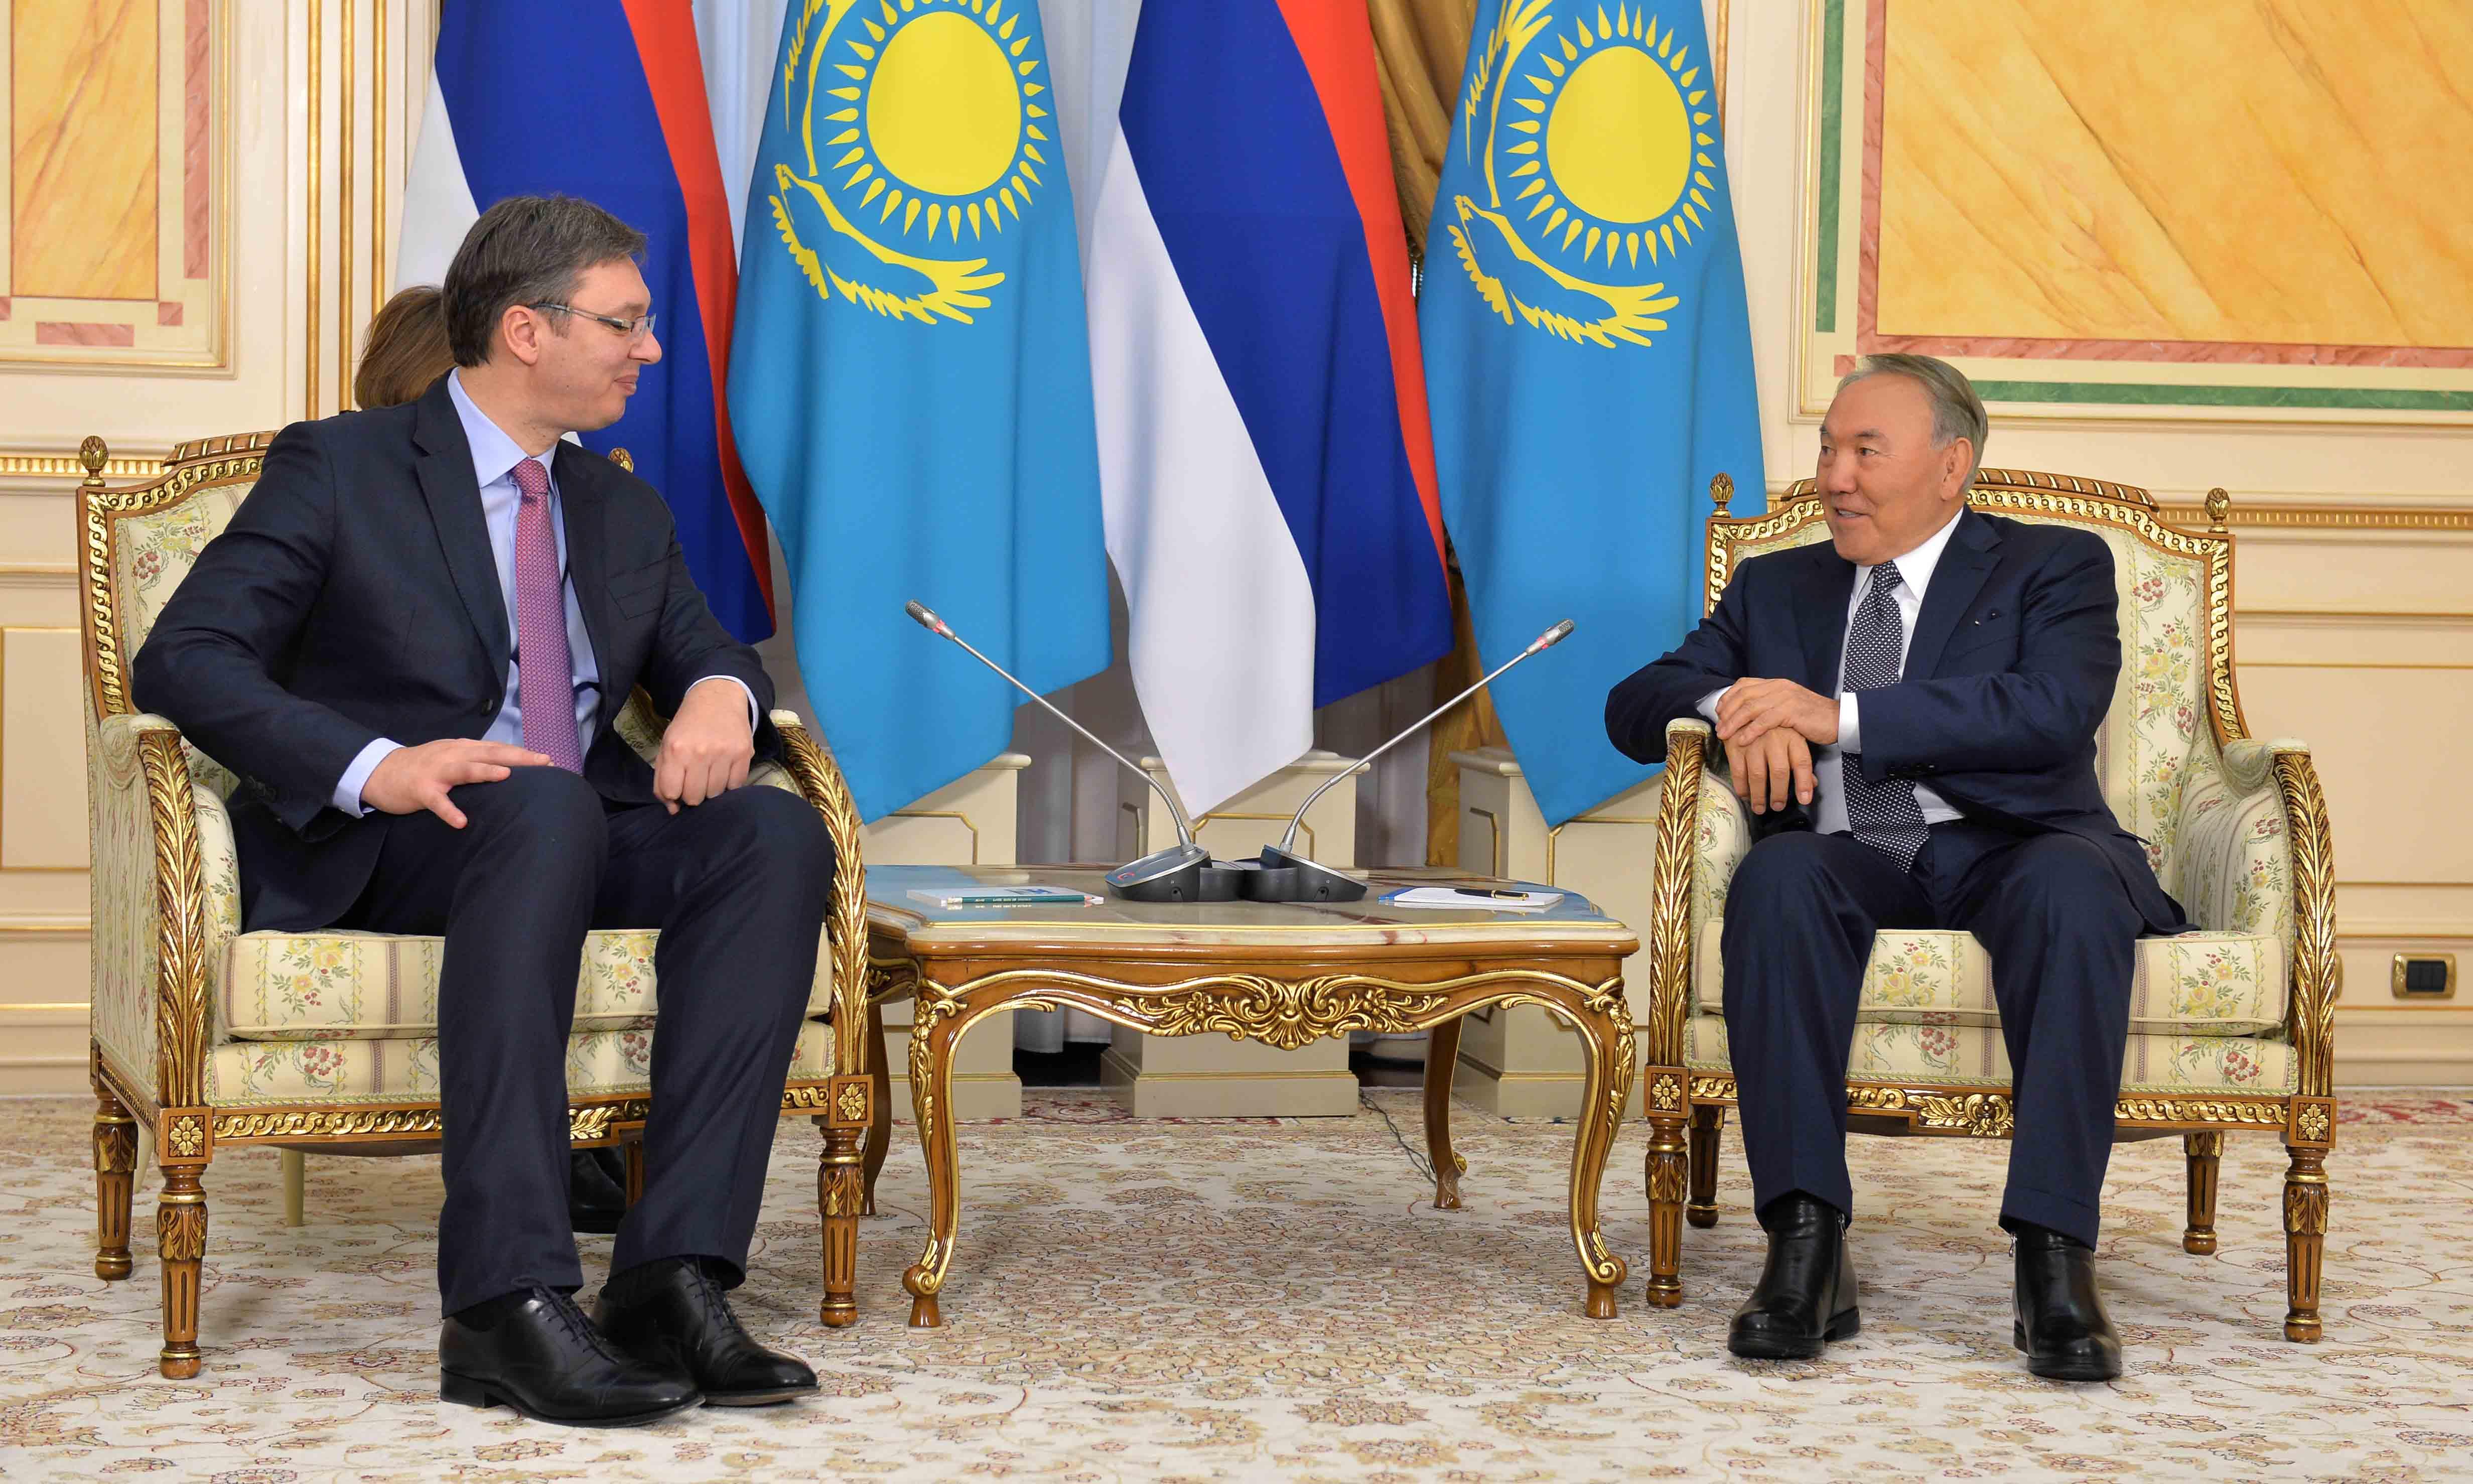 Премьер министр Сербии провёл встречу с президентом Казахстана